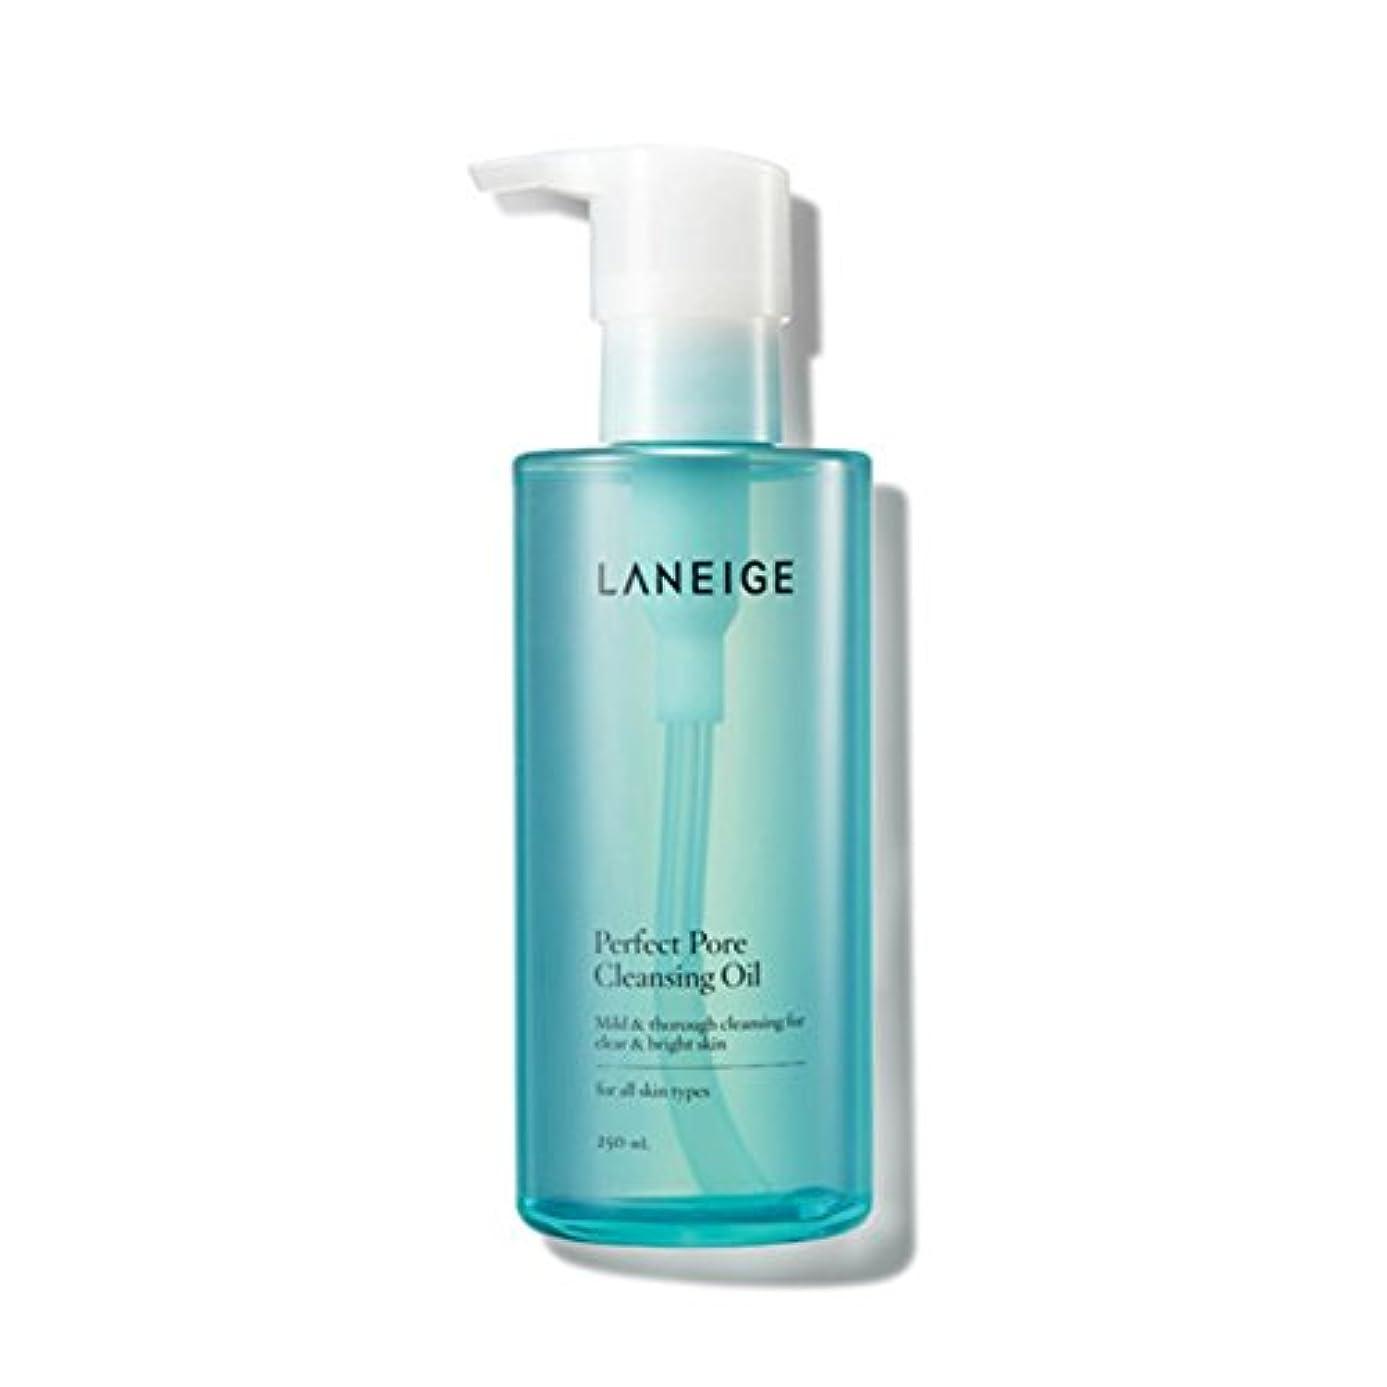 空港記憶サリー[ラネージュ/ LANEIGE] ラネージュ パーフェクトポア クレンジングオイル 250ml/ Perfect Pore Cleansing Oil +[Sample Gift](海外直送品)